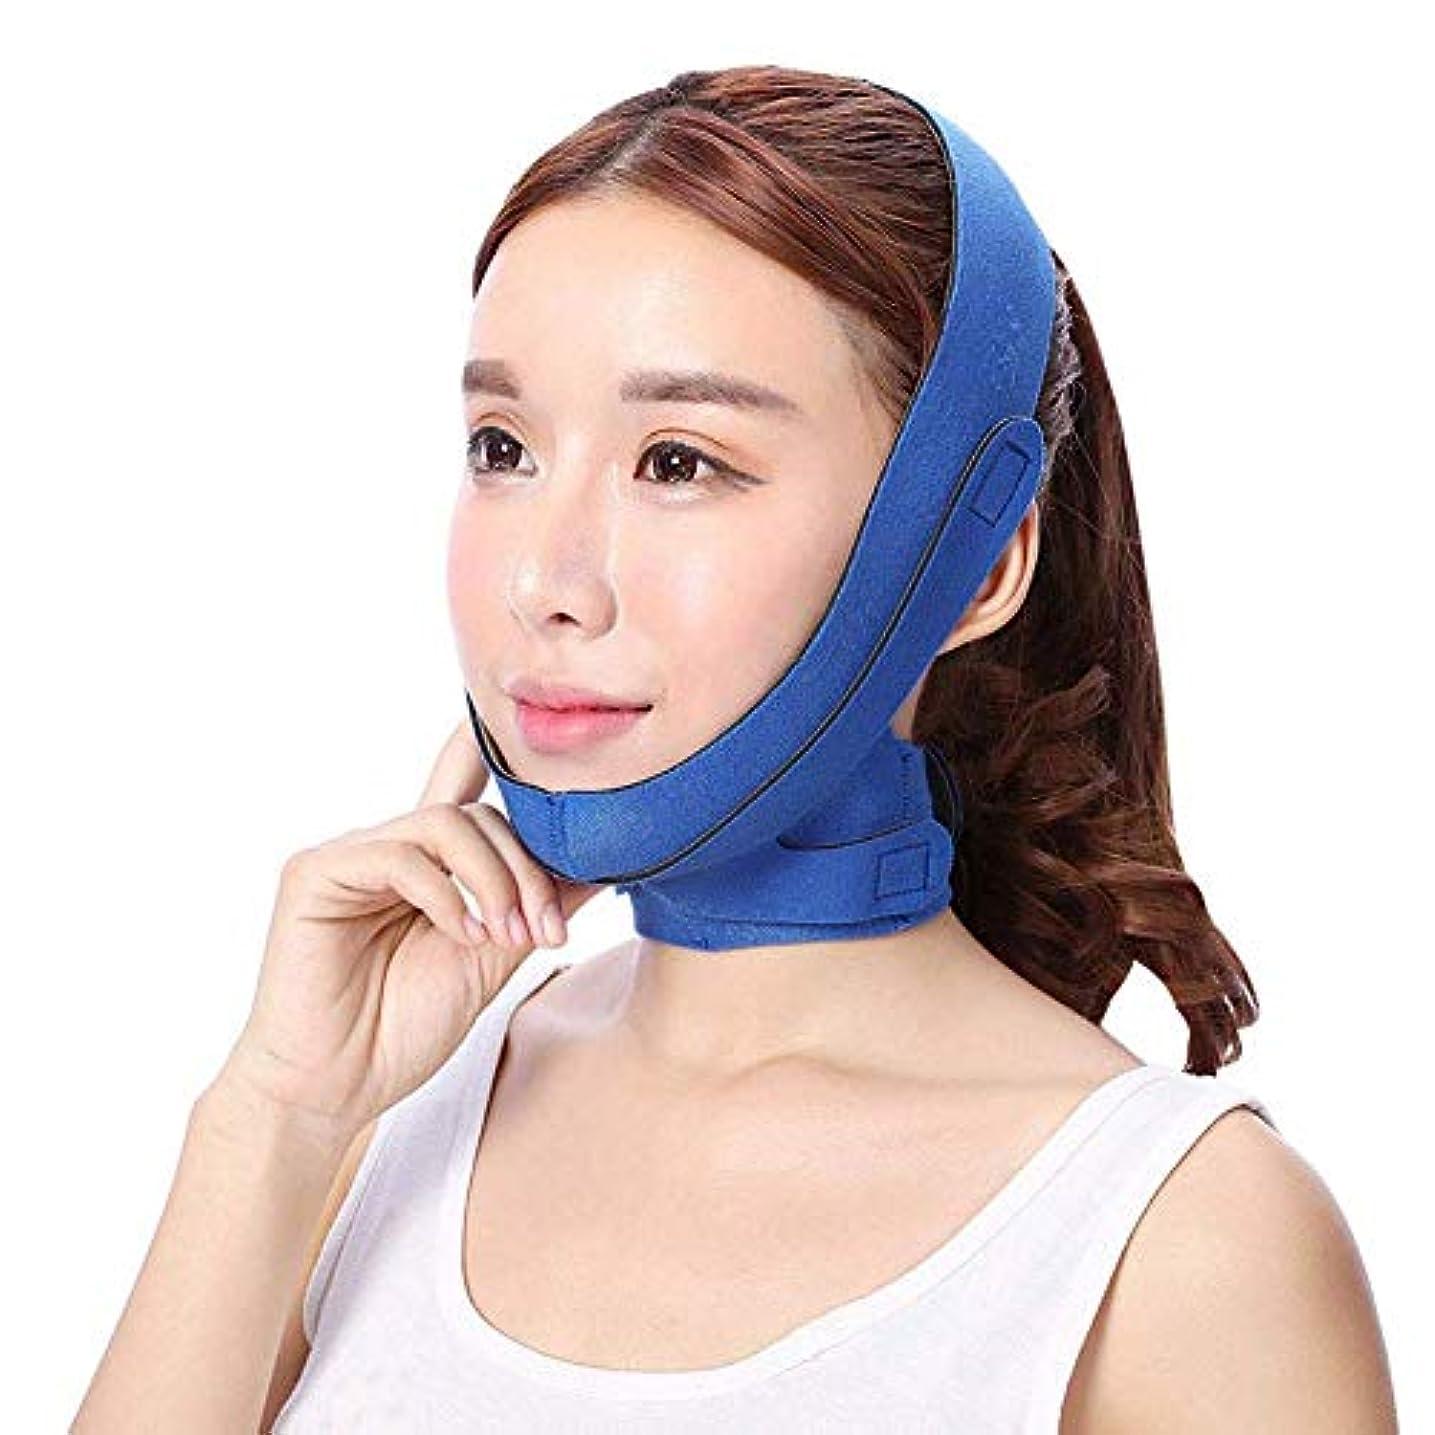 フェイスリフティング包帯、薄いフェイスマスクVベルト/痩身包帯あご口腔マスク赤面